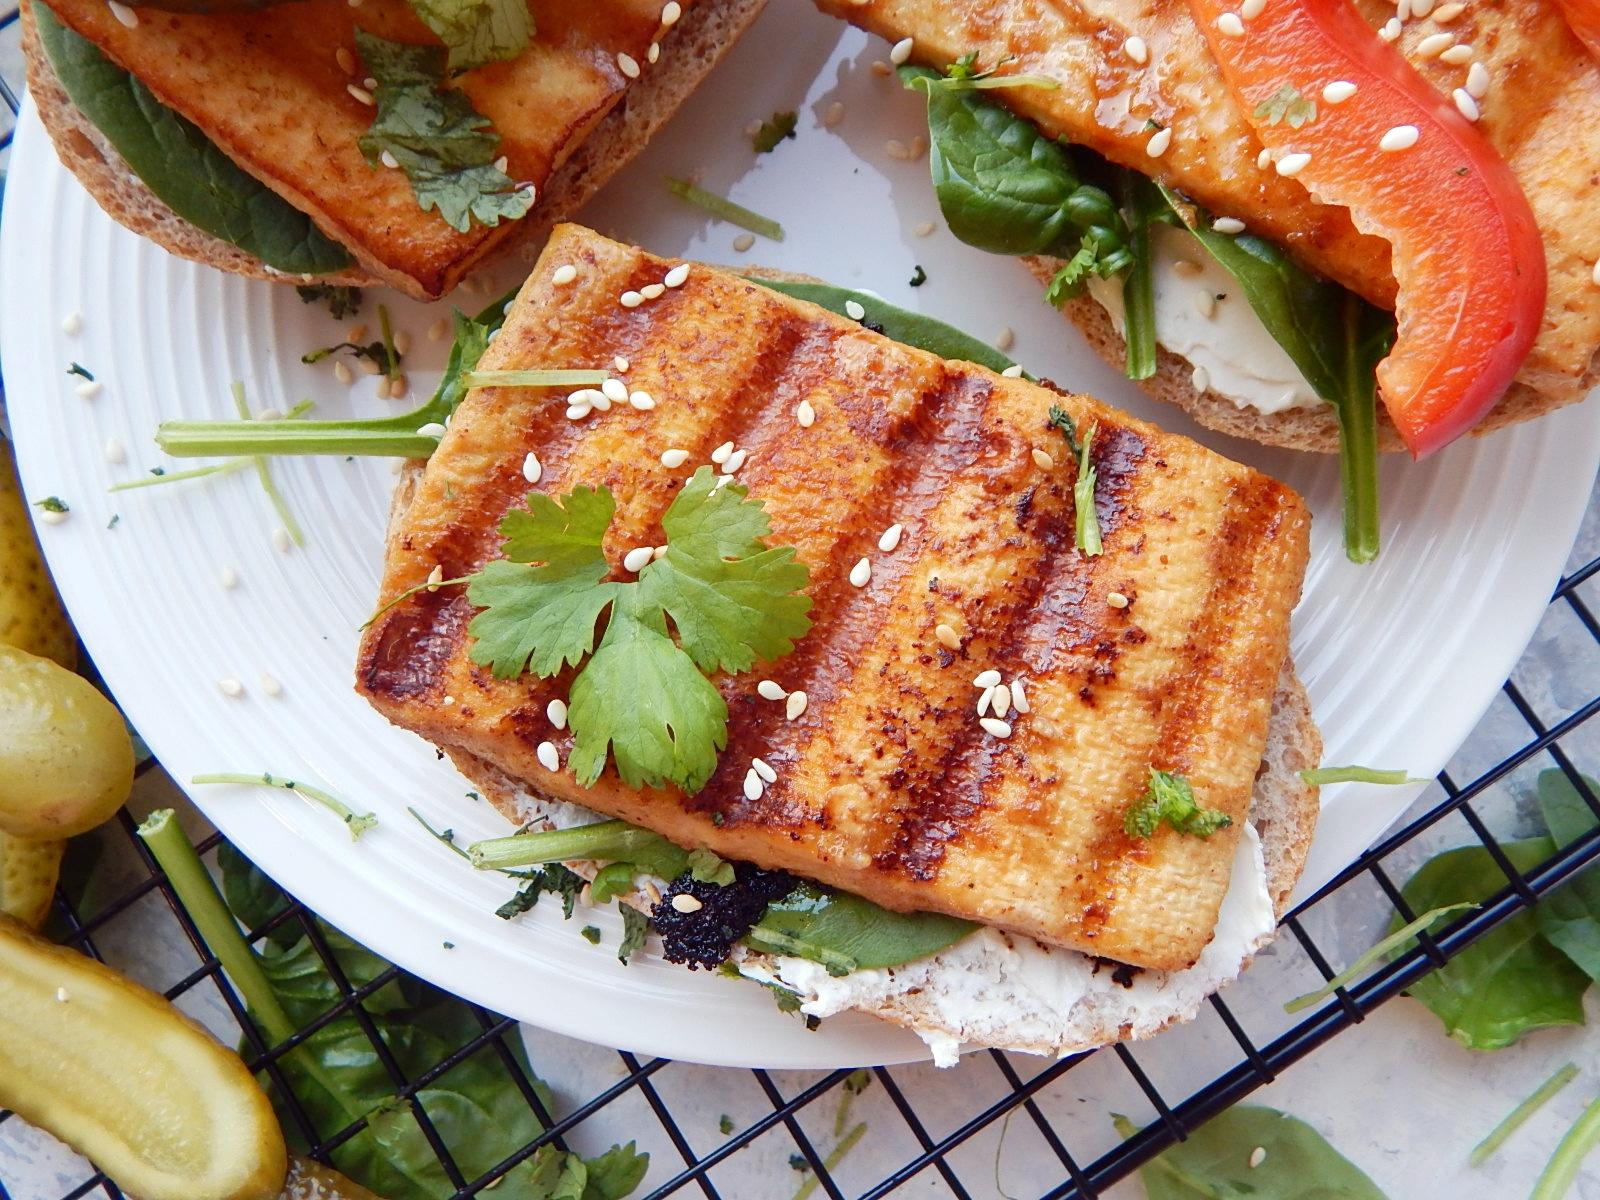 marynowane tofu, indywidualny jadlospis - marynowane tofu w marynacie z musztardy